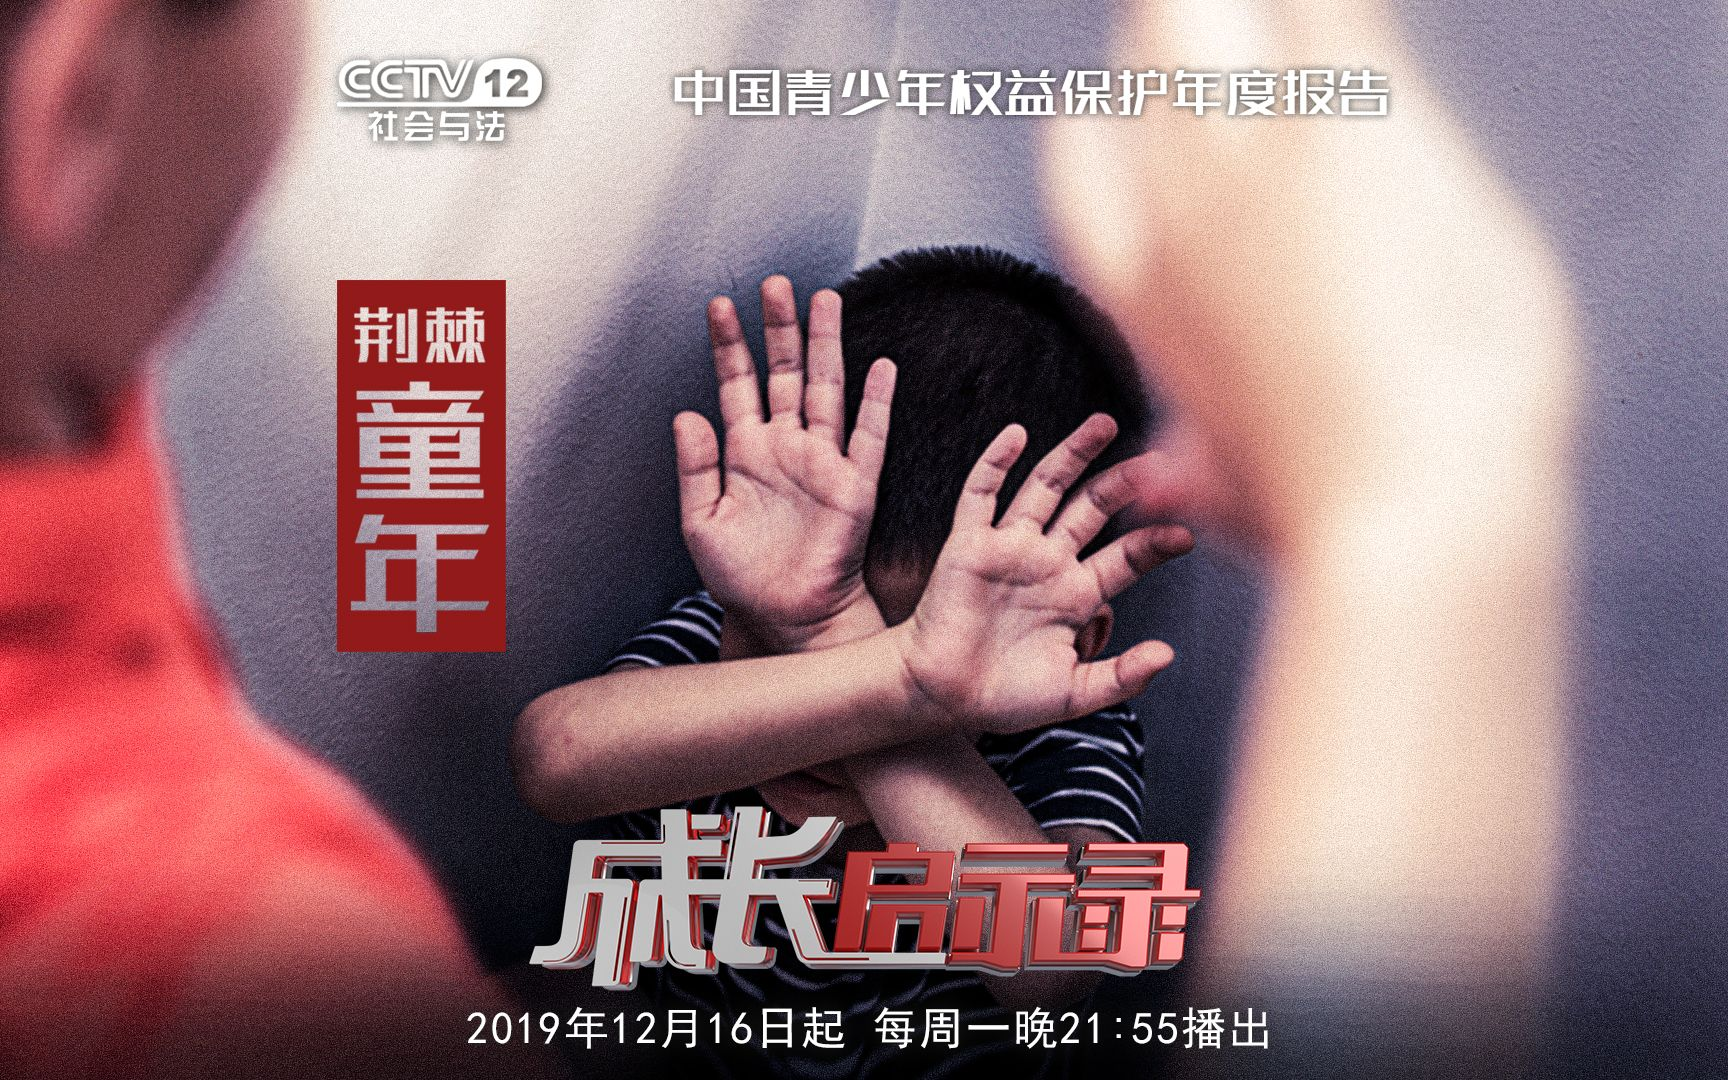 【成长启示录④】未成年人家庭暴力调查